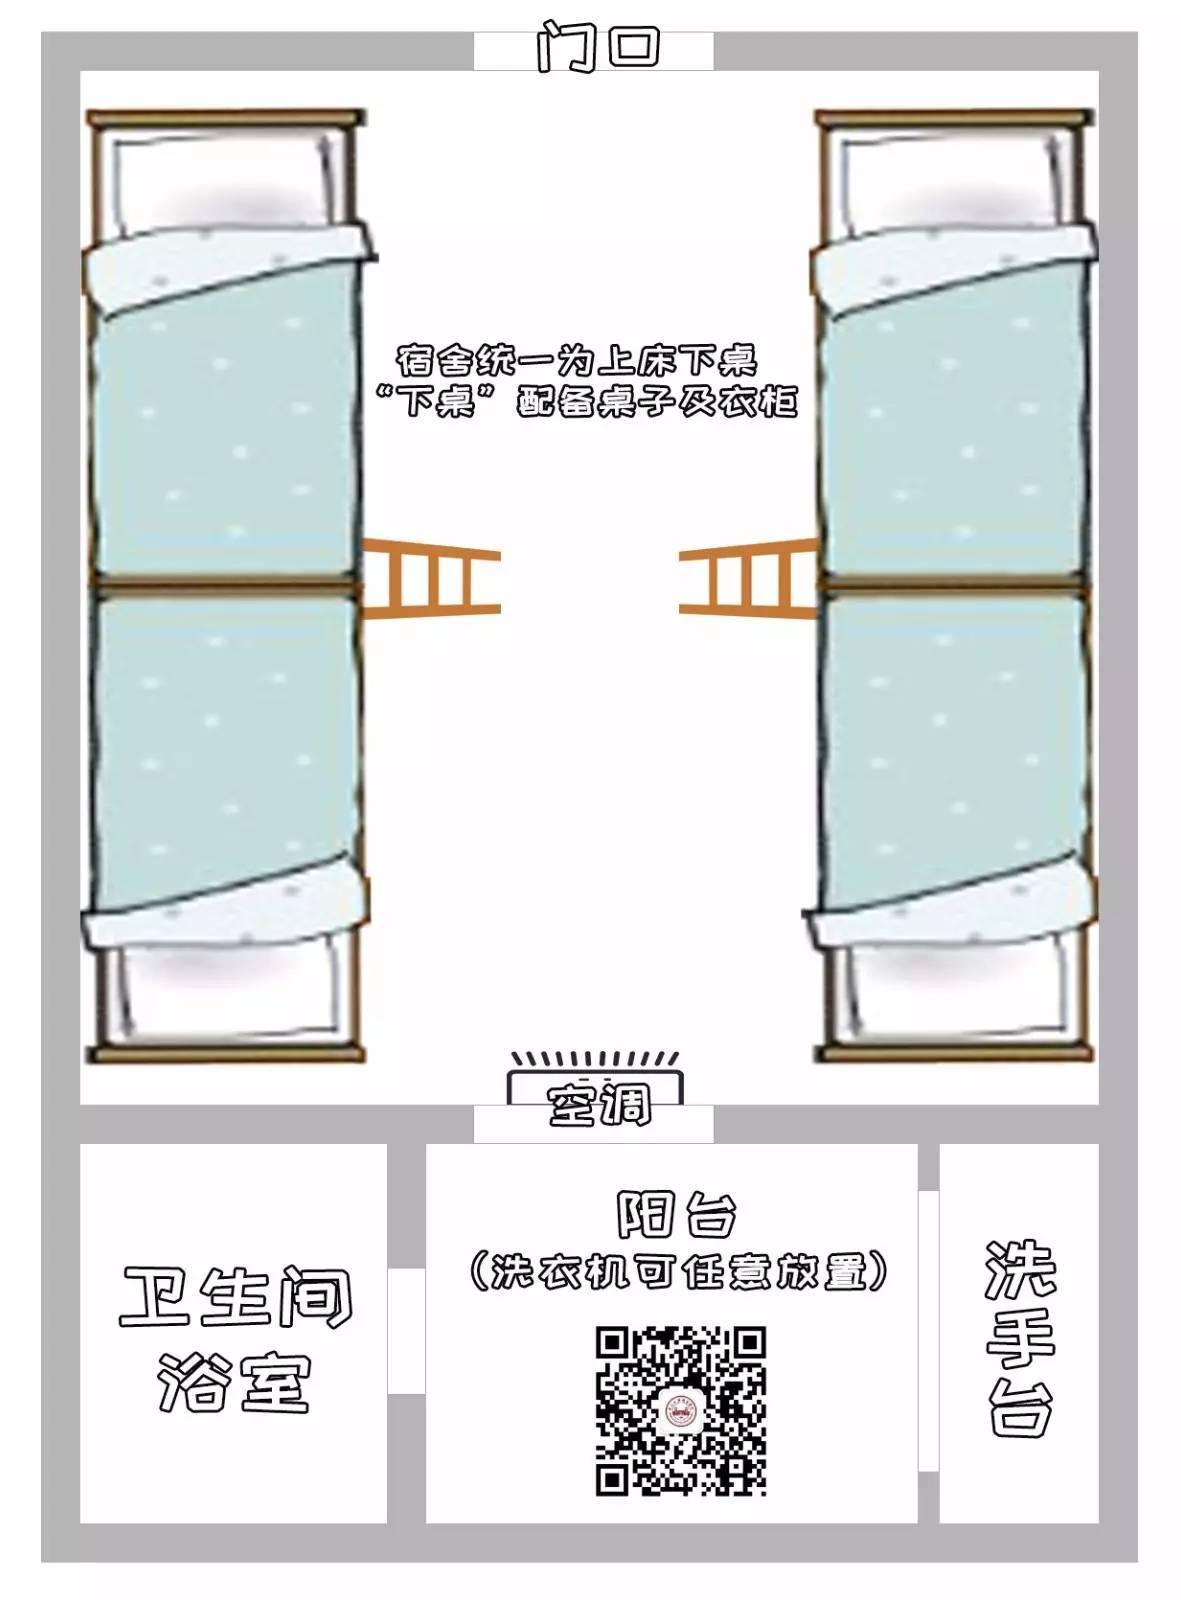 在这里我们会发生很多故事 我们的宿舍配置为上床下桌,四人间 炎热的图片